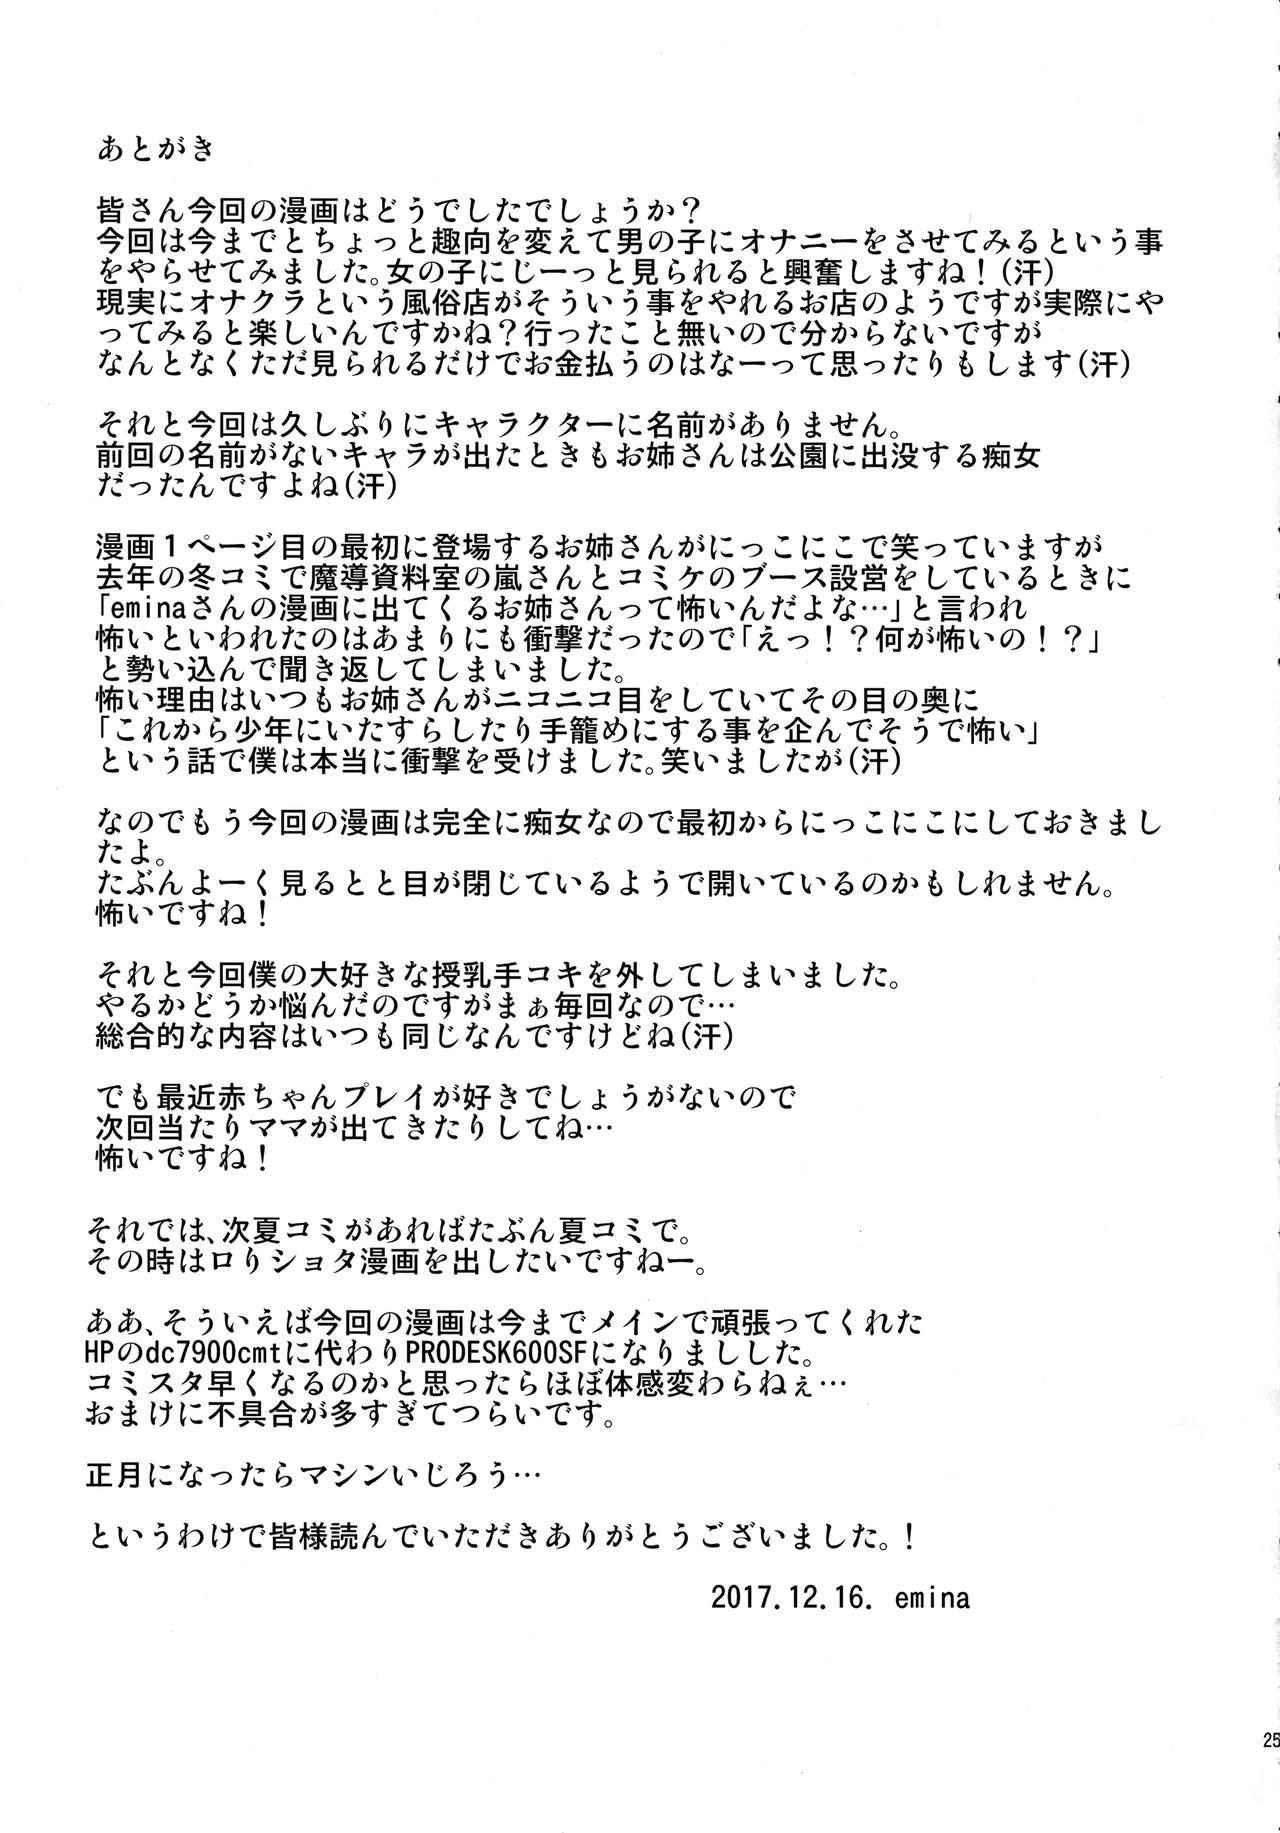 Danshi Shougakusei no Onanie o Mitai Chijo ga Iru You desu yo? 23